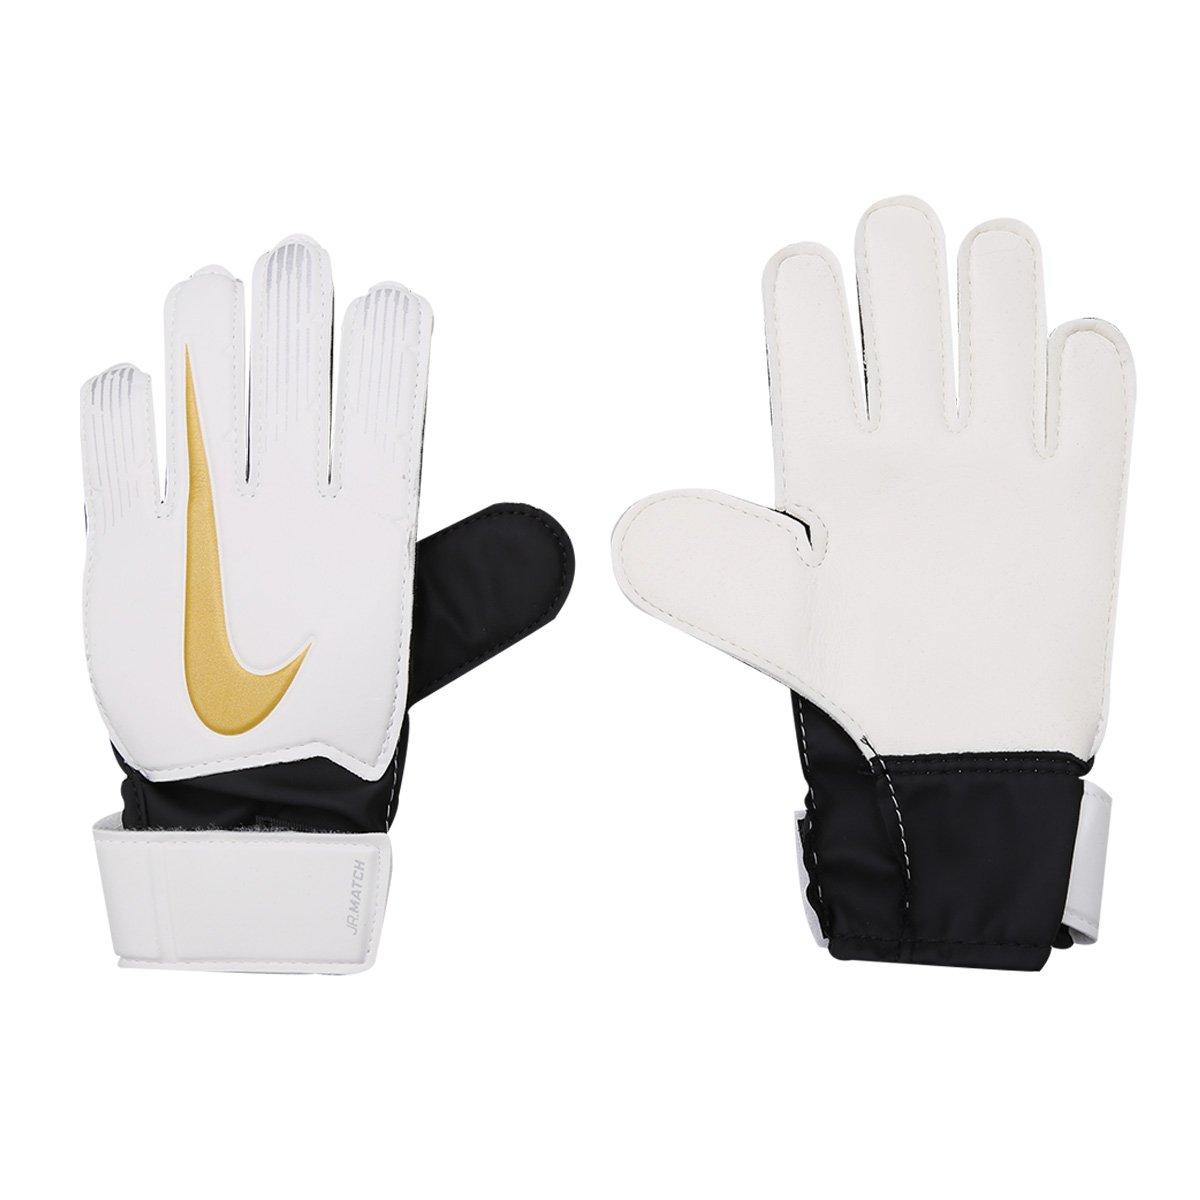 Luva de Goleiro Infantil Nike Match - Branco e Preto - Compre Agora ... 90842e20d694b